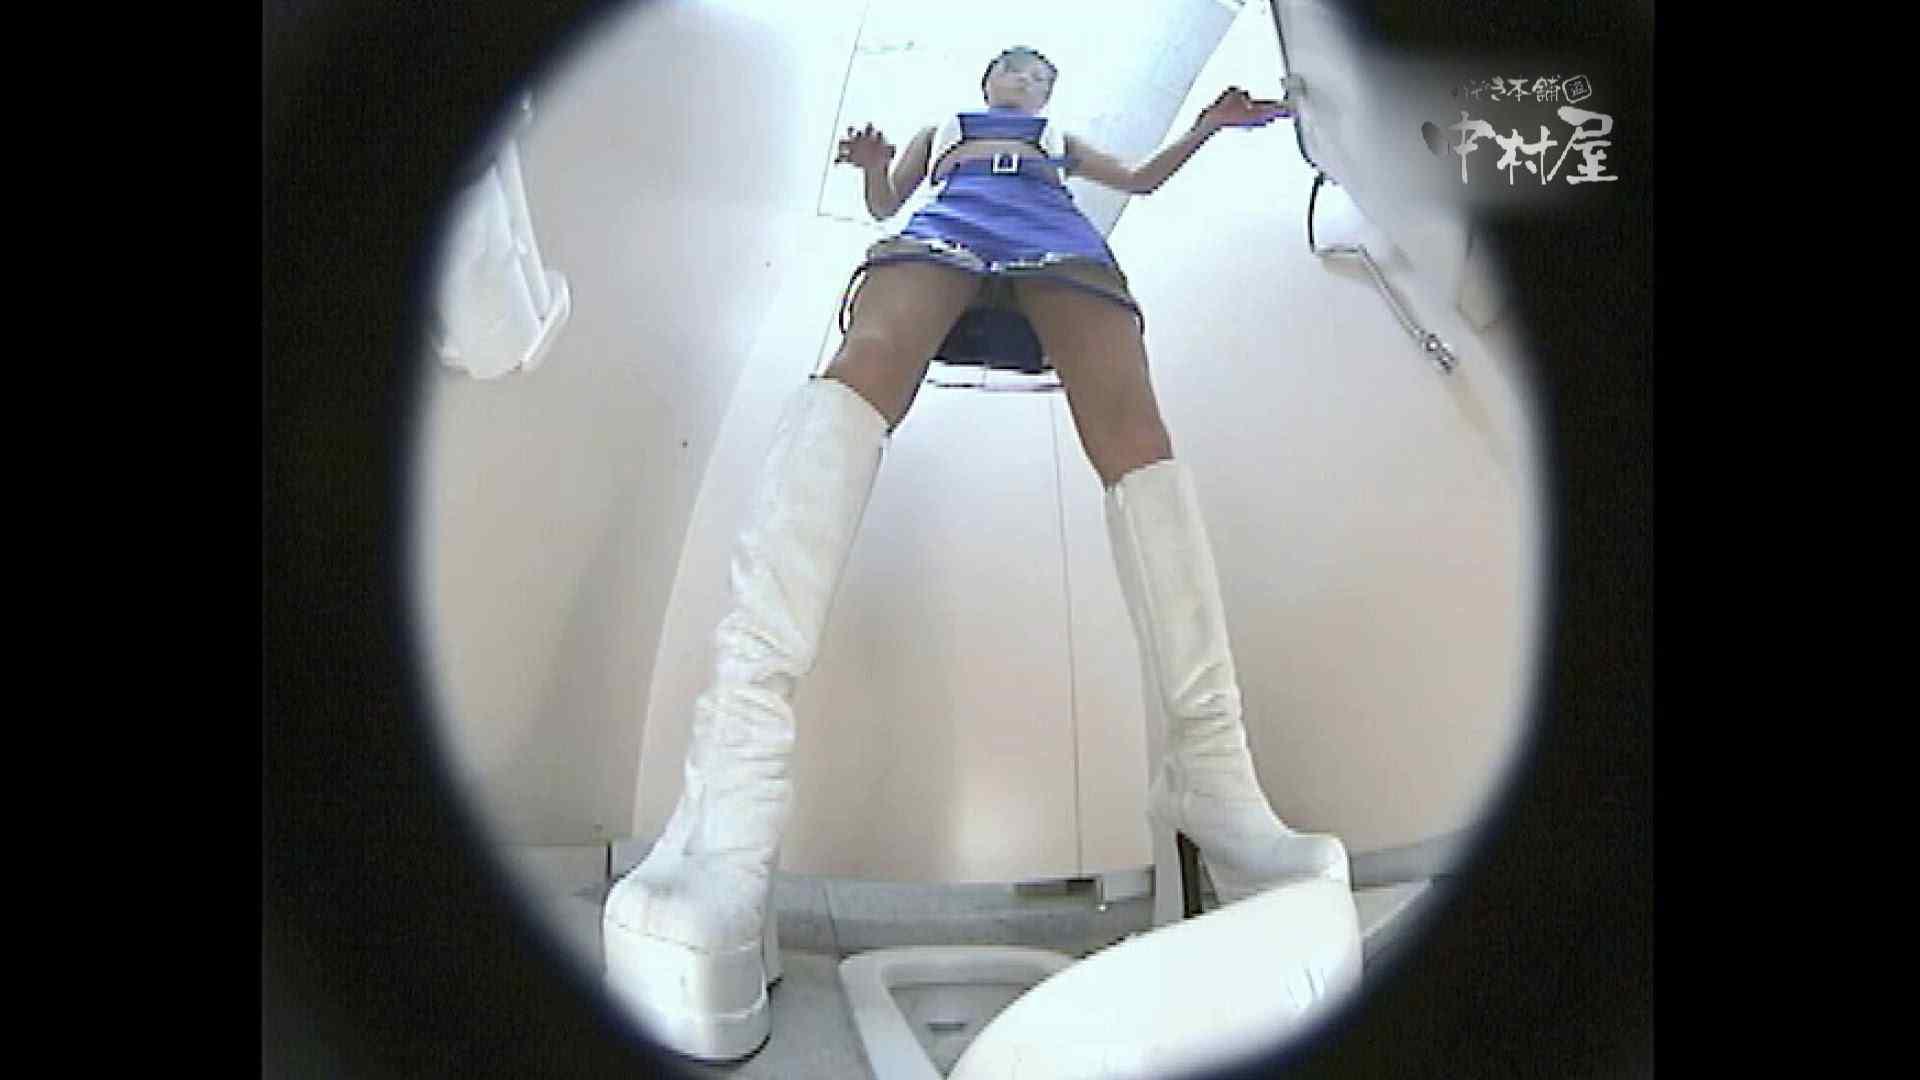 レースクィーントイレ盗撮!Vol.09 美しいOLの裸体 ヌード画像 82pic 57